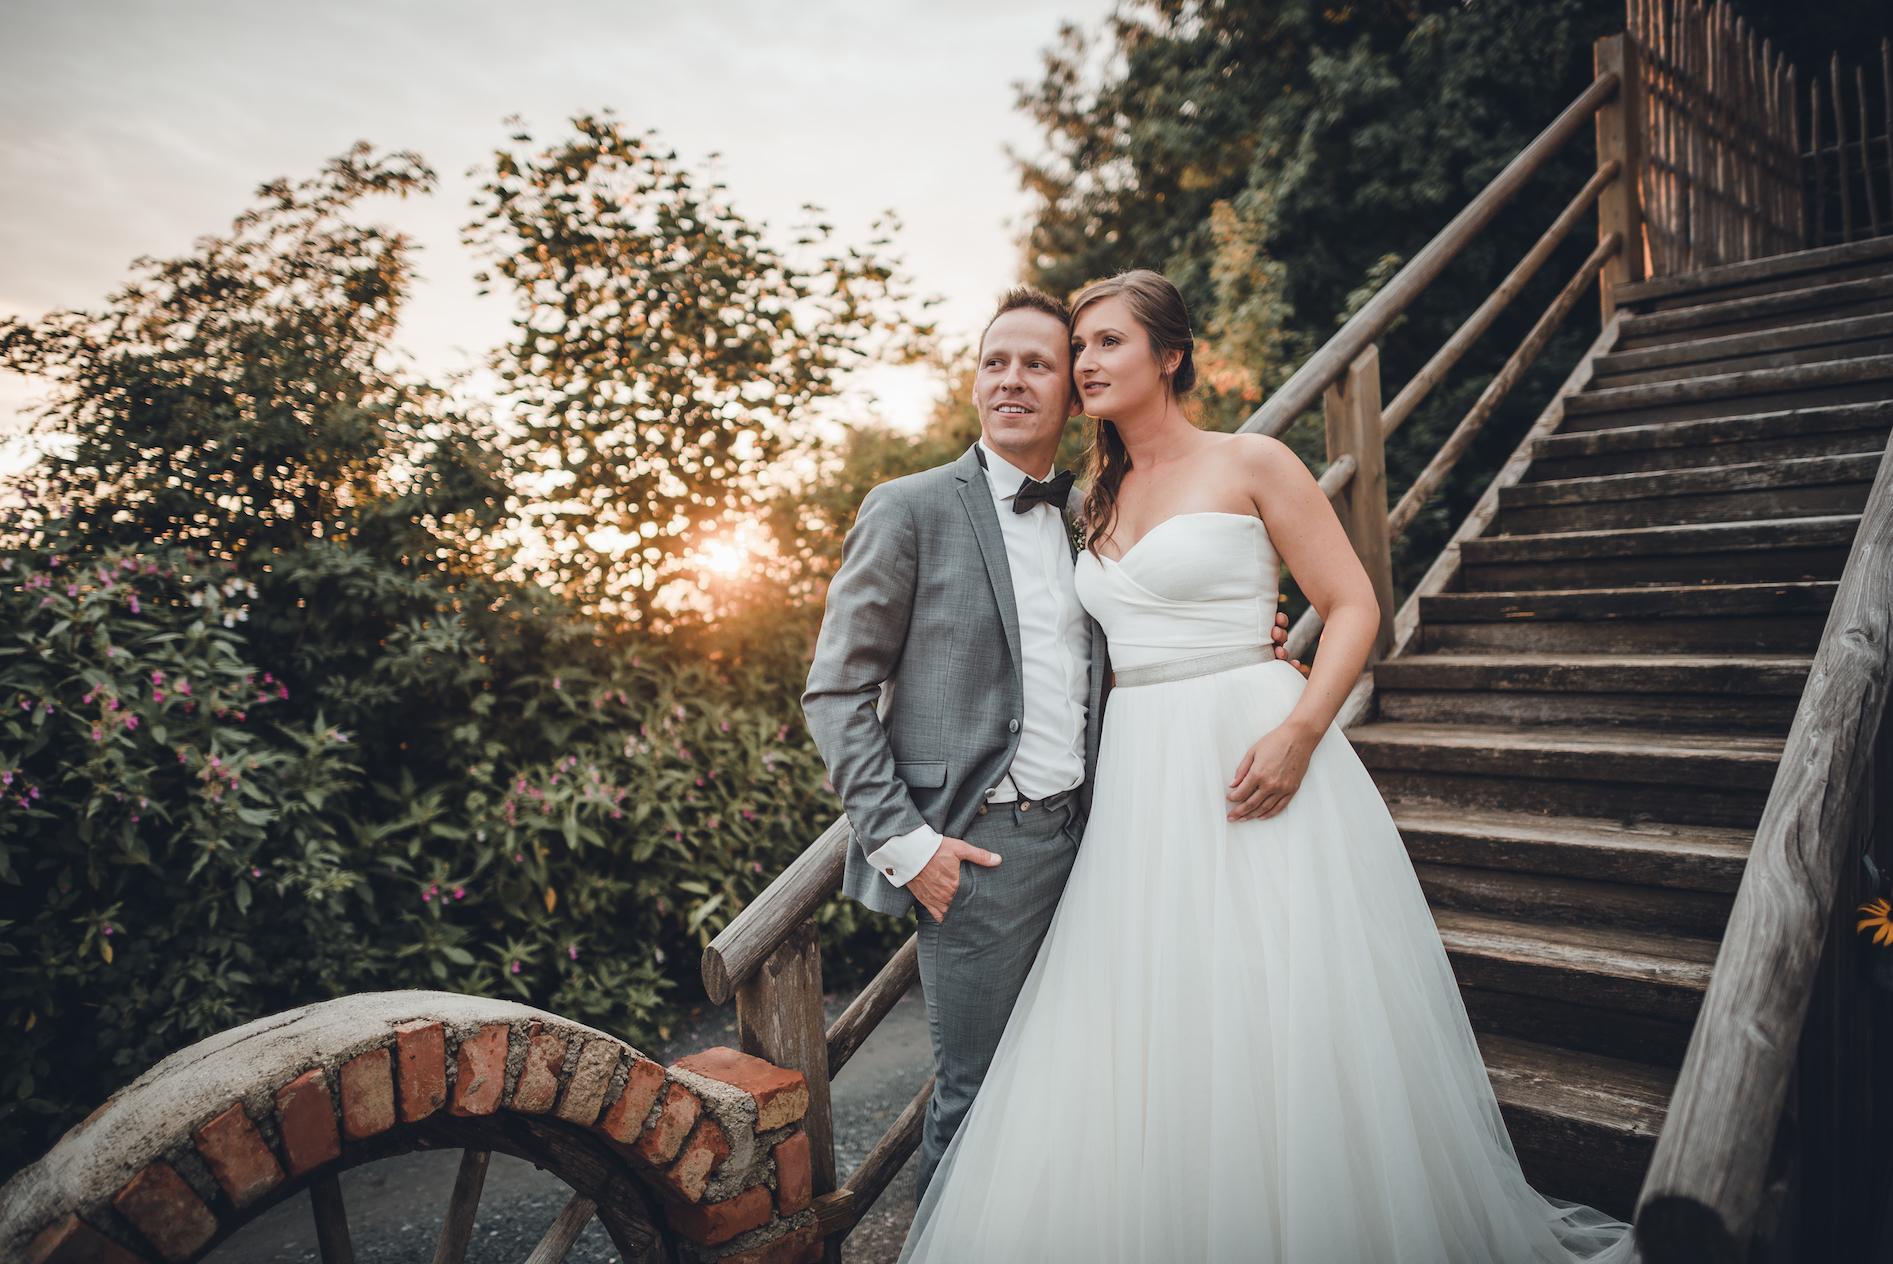 Hochzeit-Henni&Berni-367.jpg